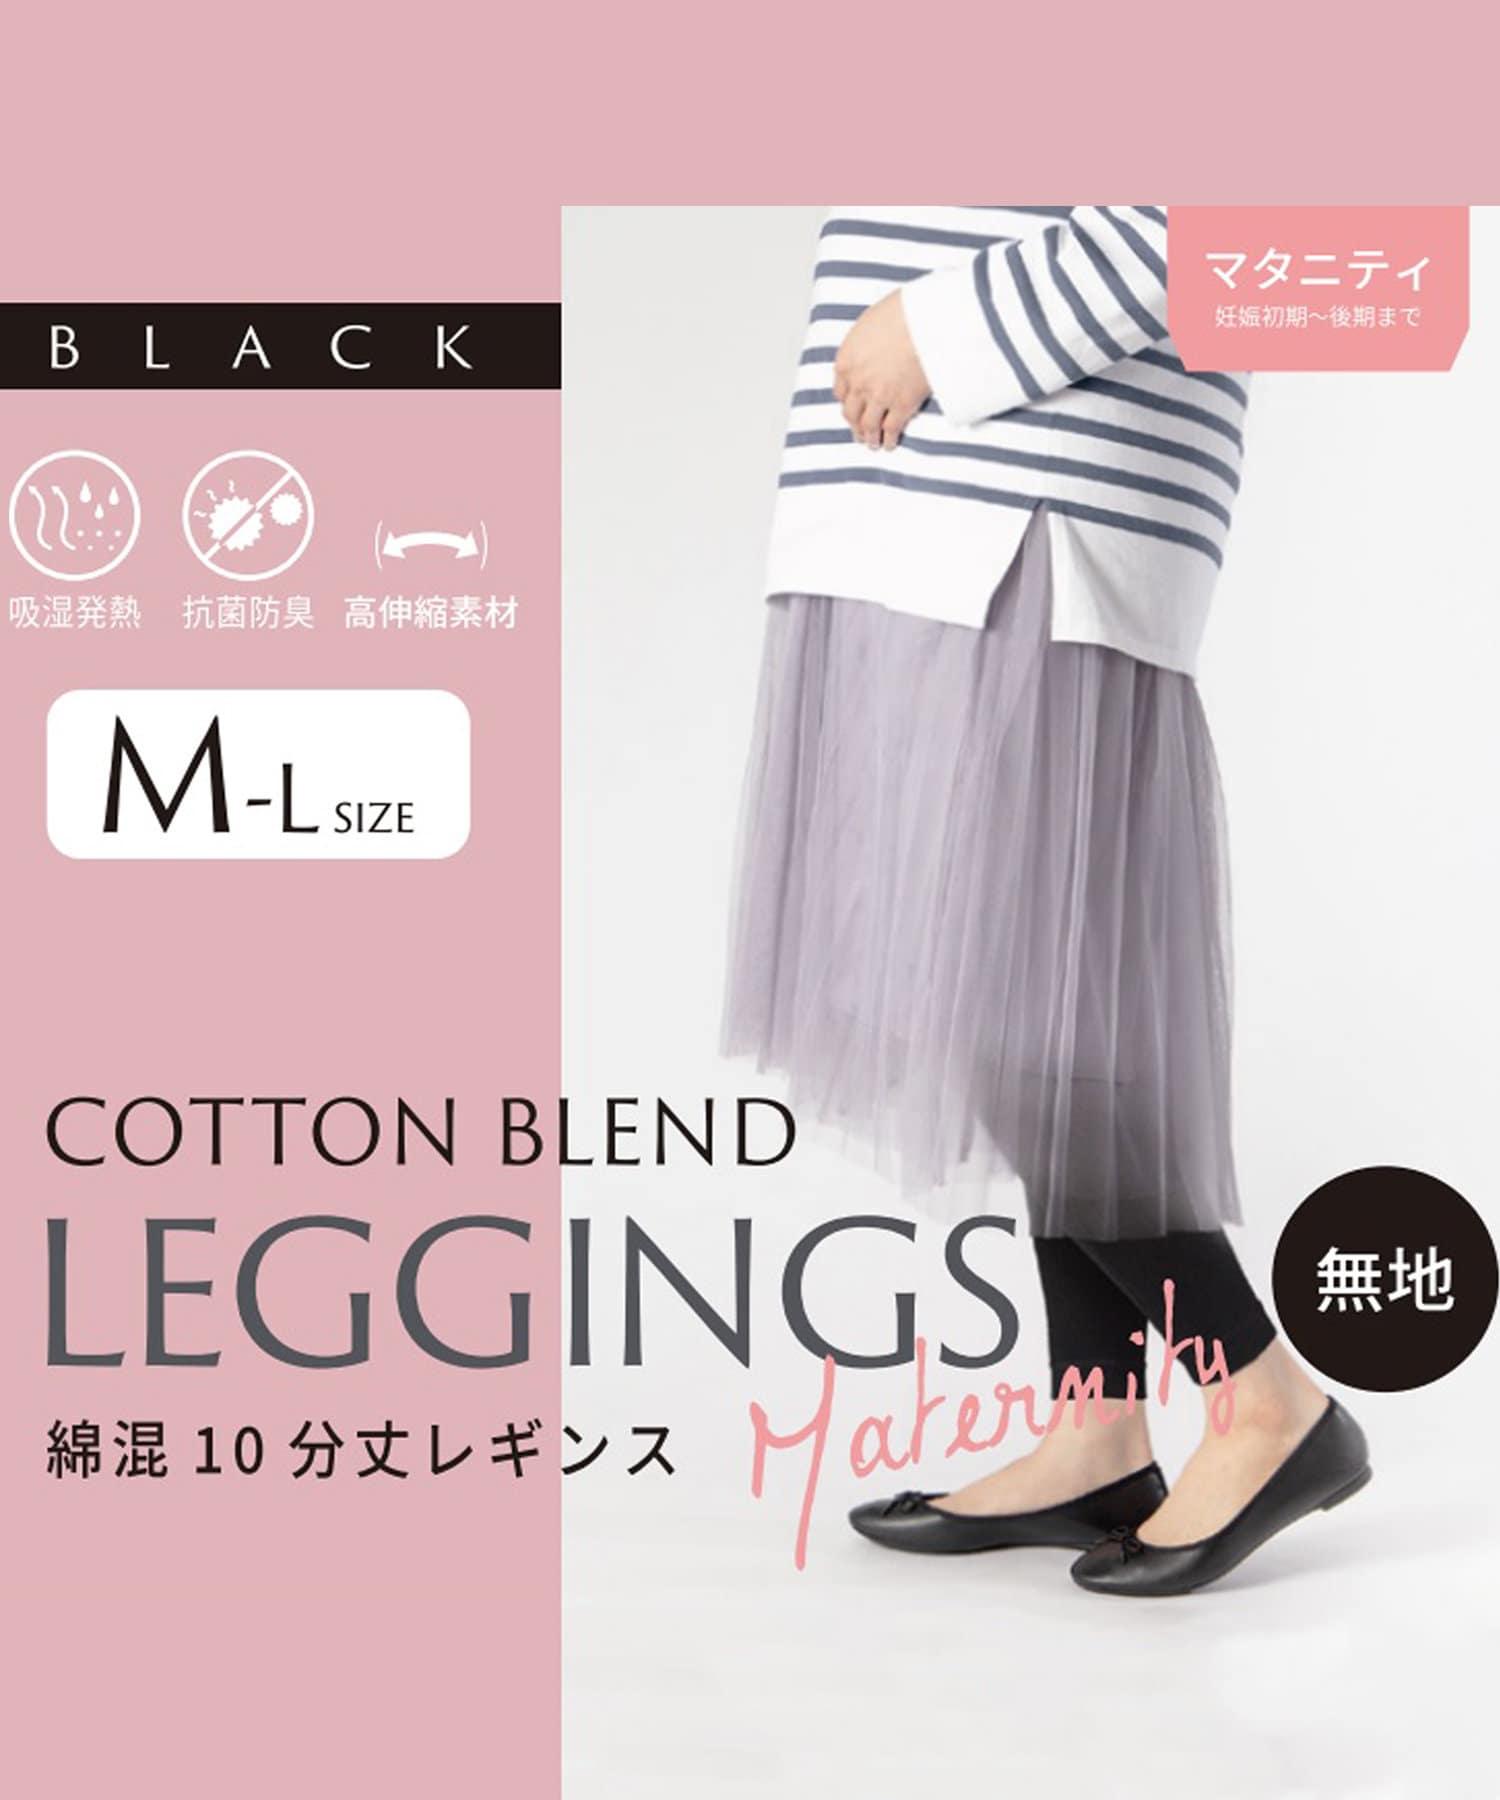 3COINS(スリーコインズ) レディース 【マタニティ】綿混10分丈レギンス無地:Mサイズ ブラック